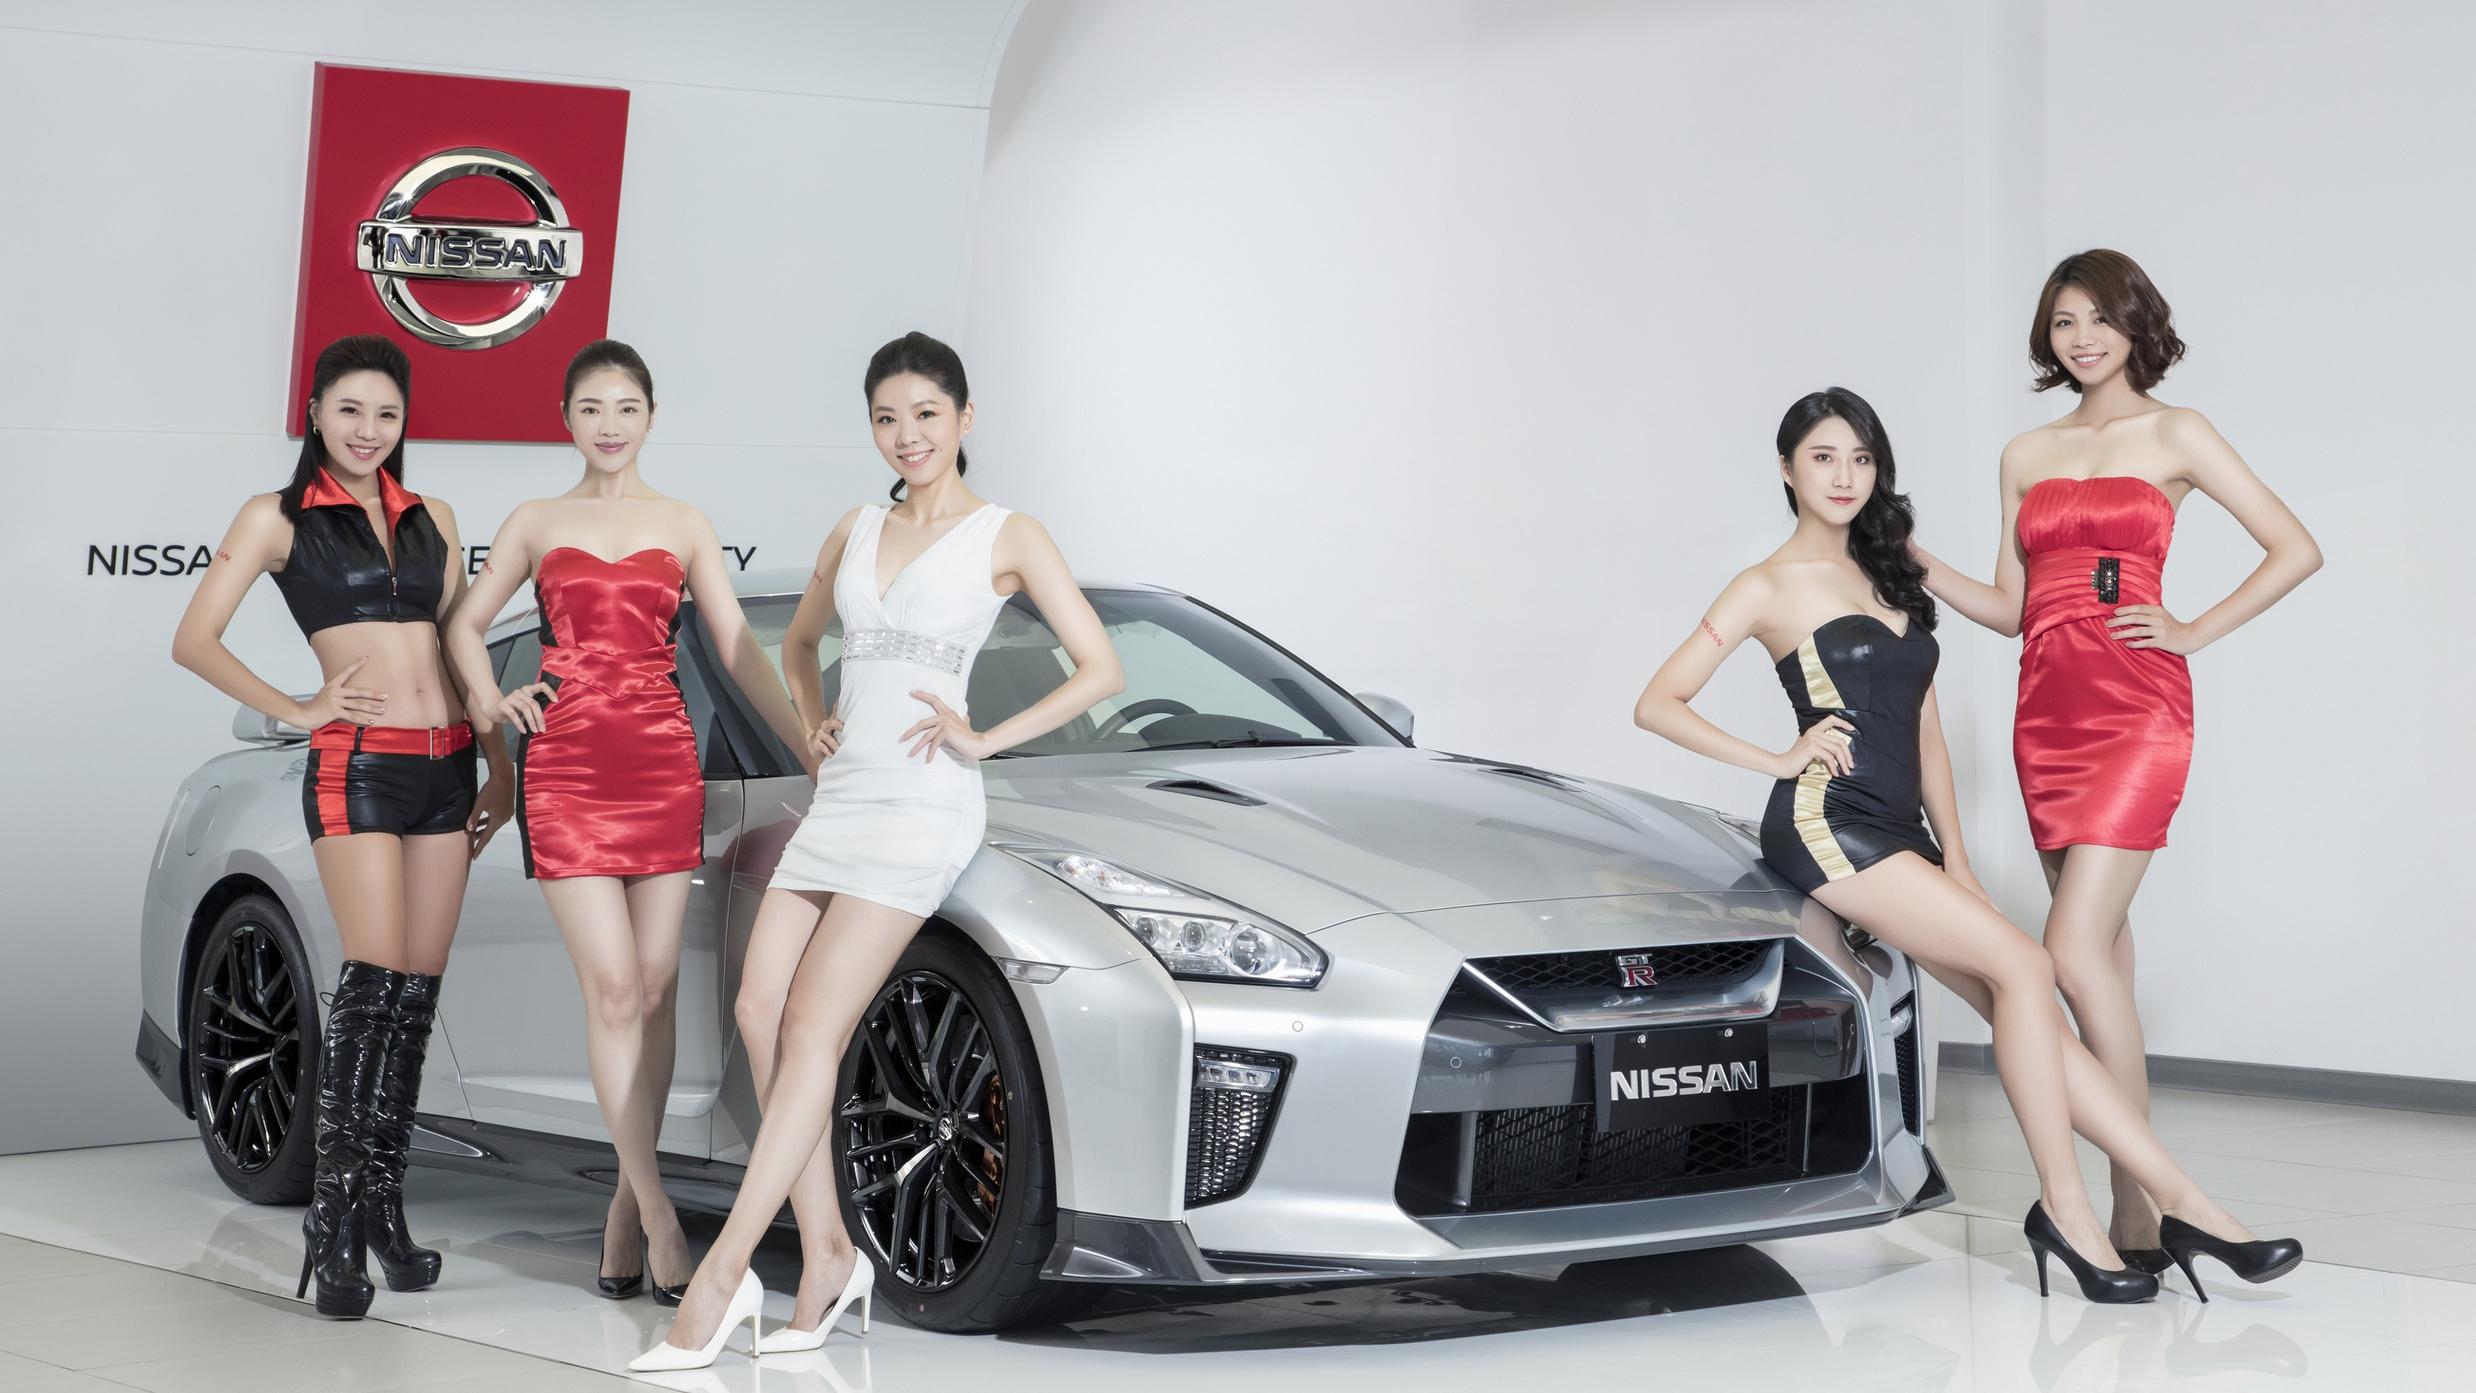 【2020 台北車展】Nissan 公佈車展陣容,Nissan Girls 同步亮相